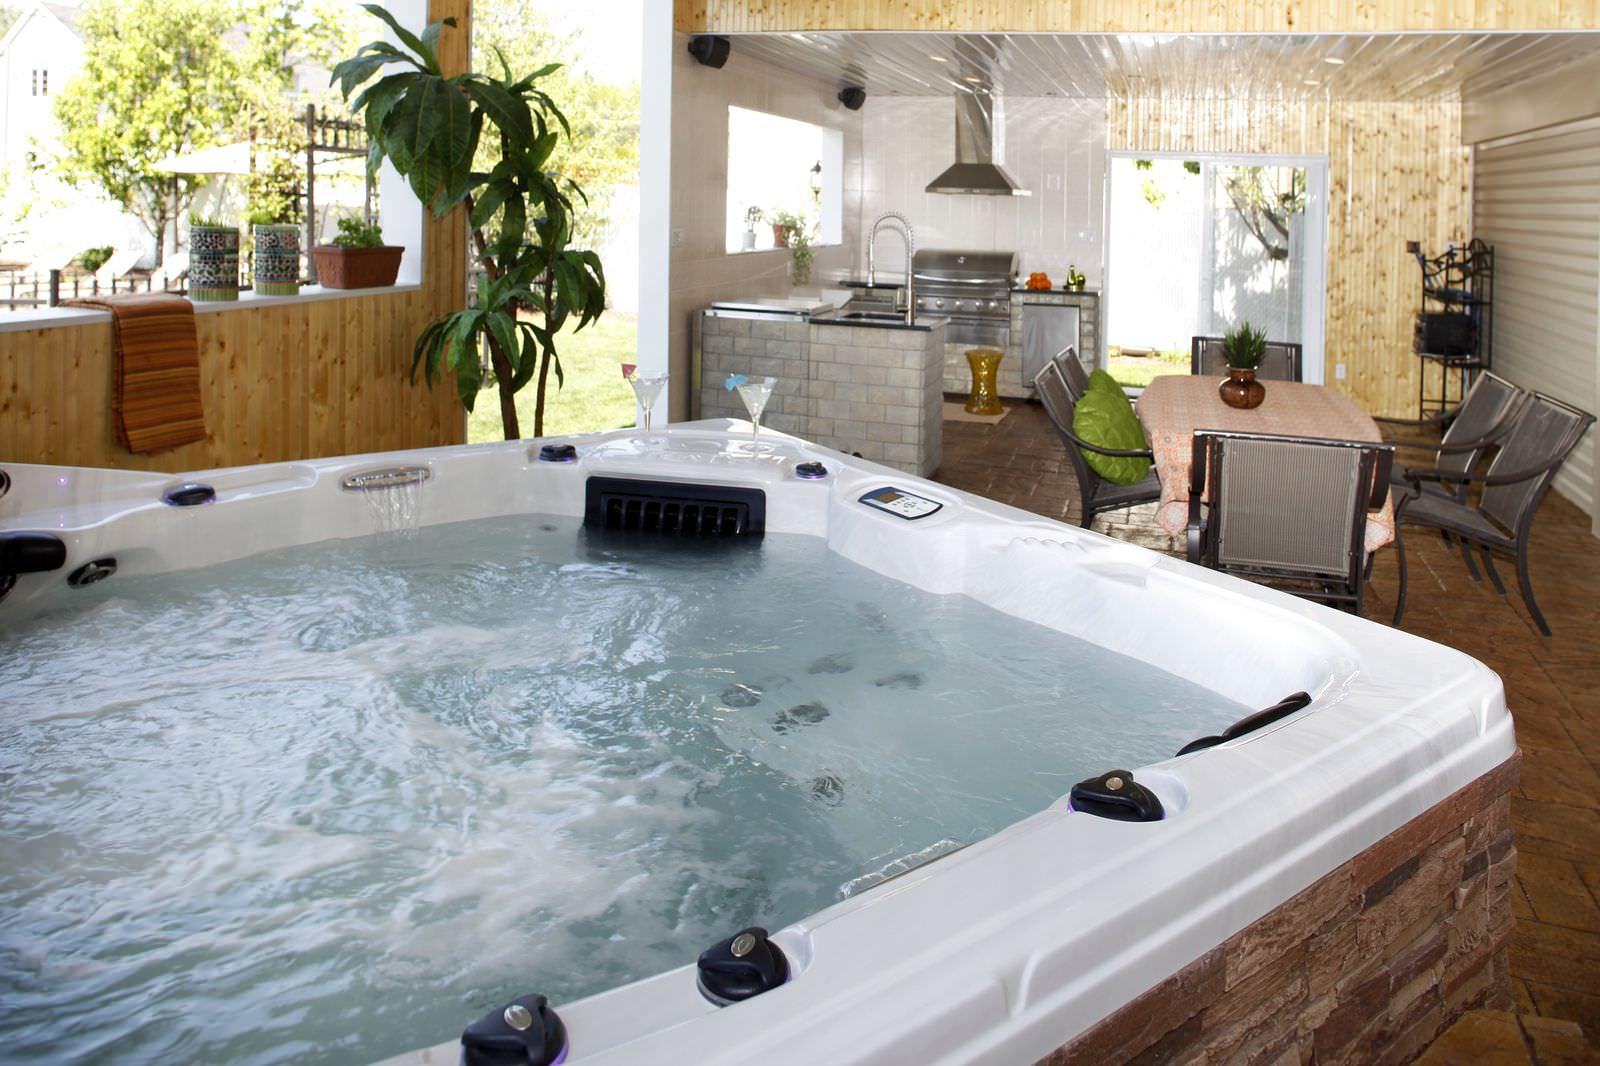 le spa portable choisir la qualit un prix abordable. Black Bedroom Furniture Sets. Home Design Ideas